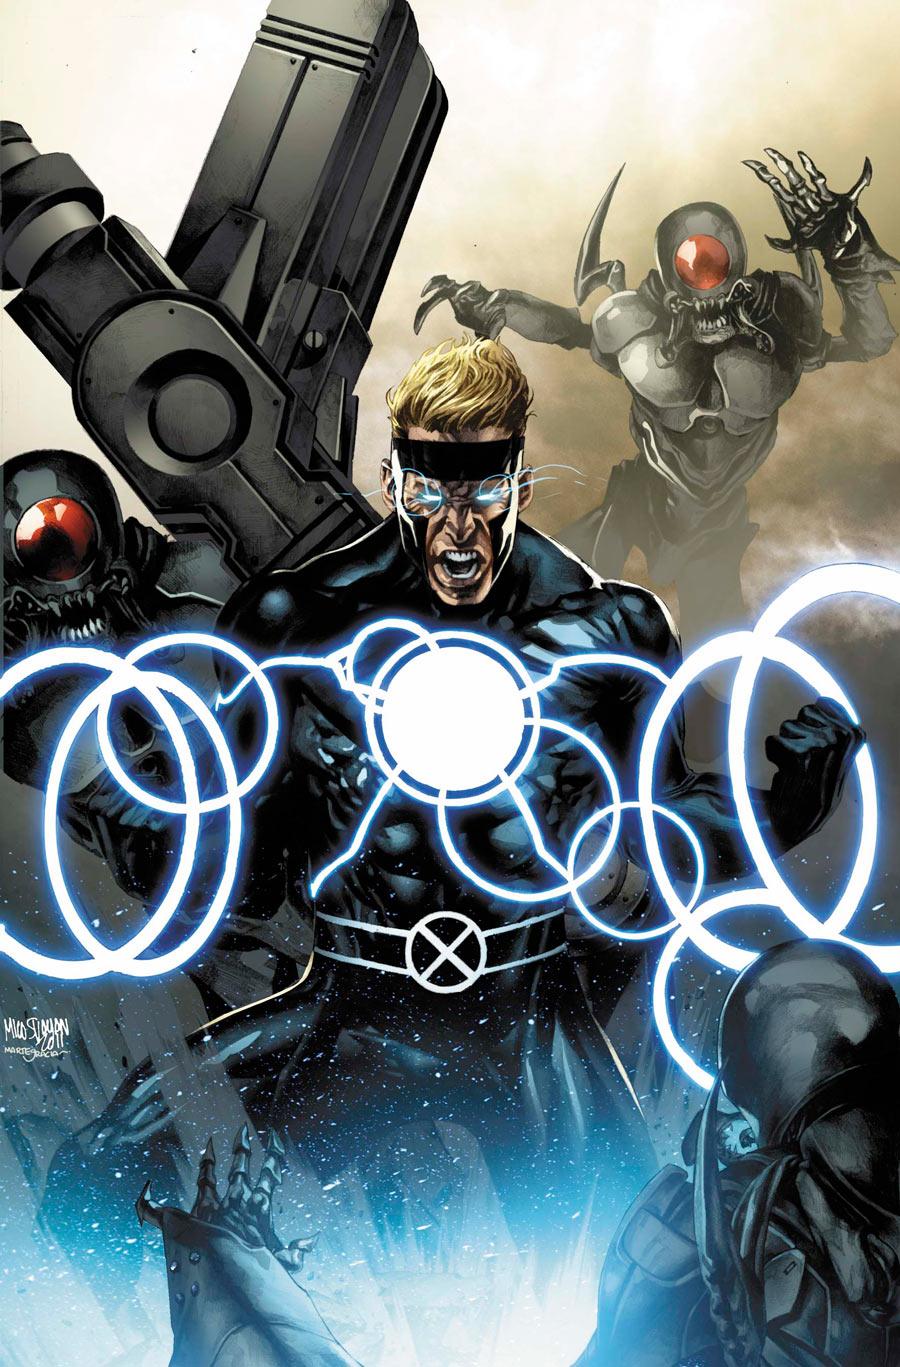 Mutant Abilities  XMen Movies Wiki  FANDOM powered by Wikia